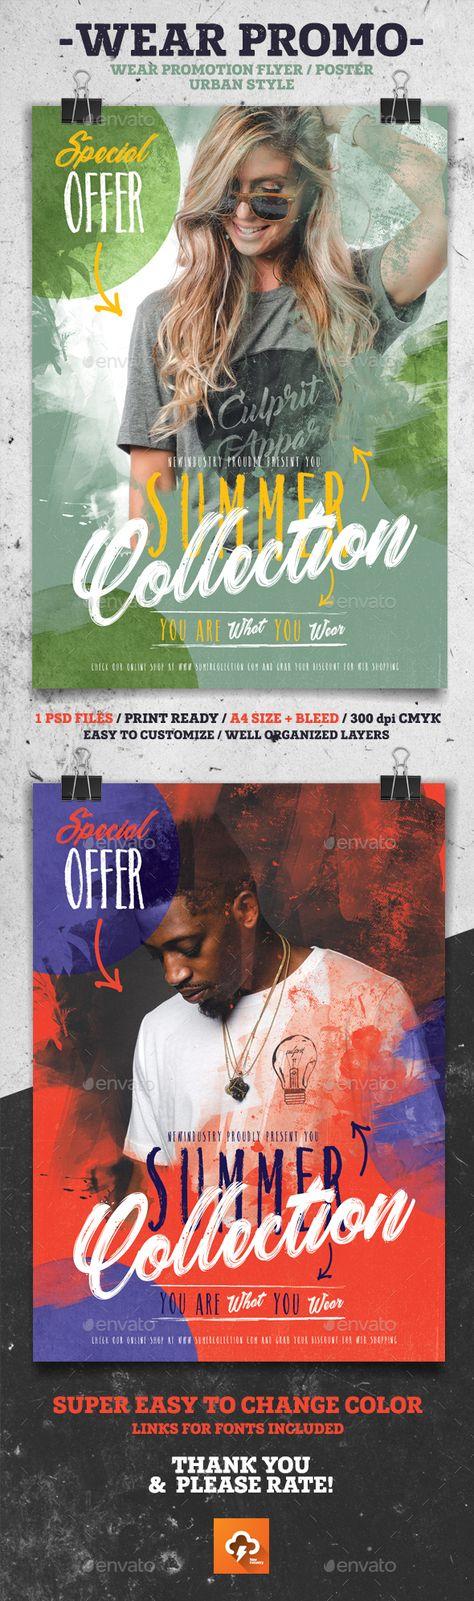 Wear Promo Poster Flyer